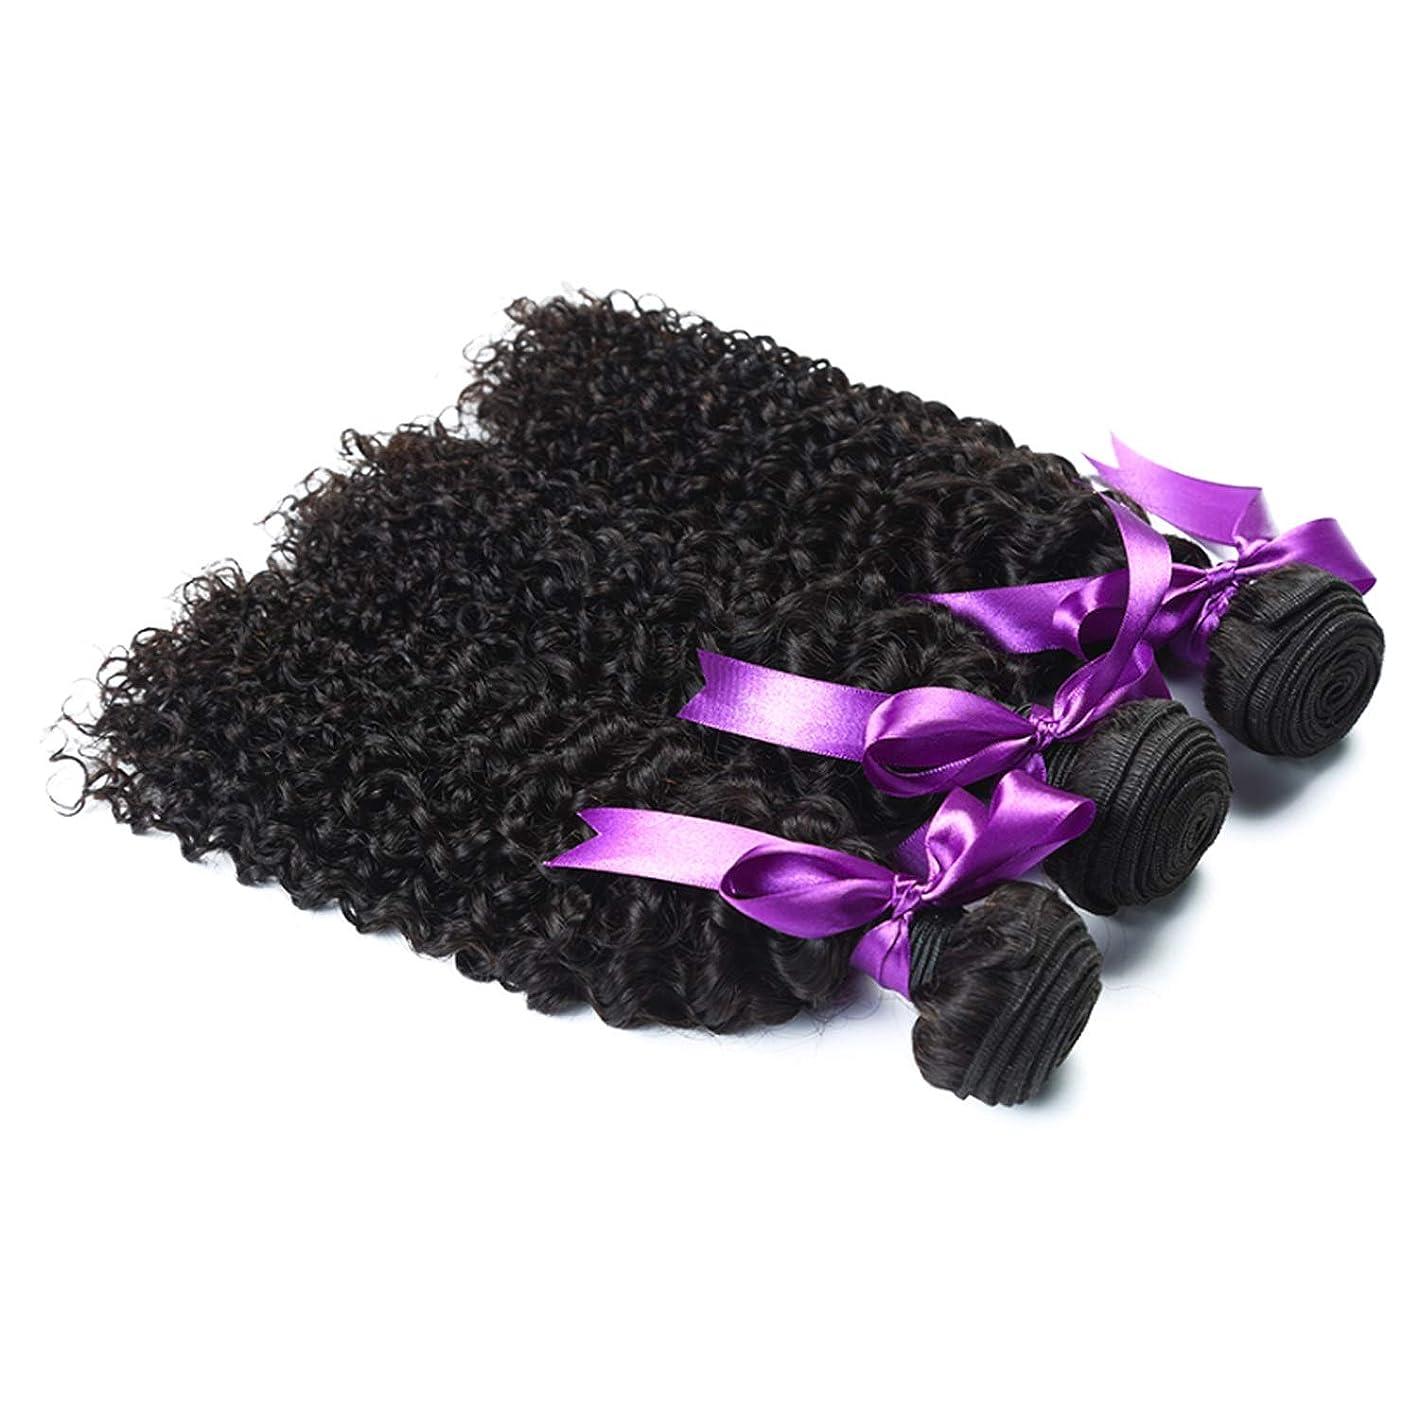 酔う罪期待するマレーシアの変態巻き毛3束お得な価格非Remy人間の髪織りエクステンションナチュラルブラック人間の髪の毛のかつら かつら (Length : 24 26 26)